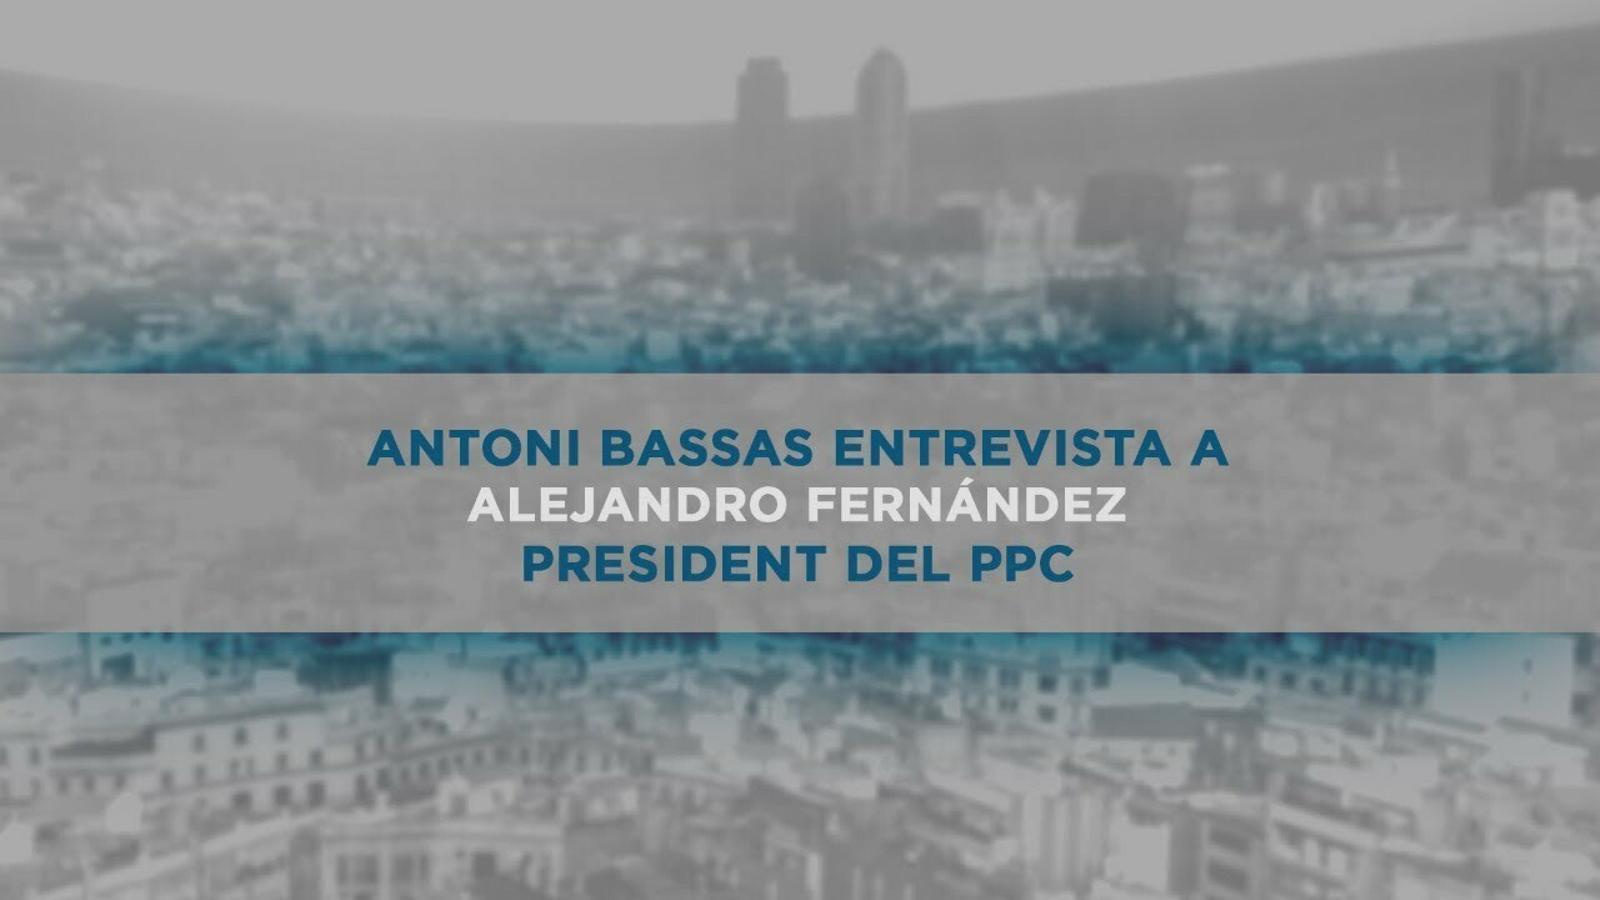 Entrevista d'Antoni Bassas a Alejandro Fernández